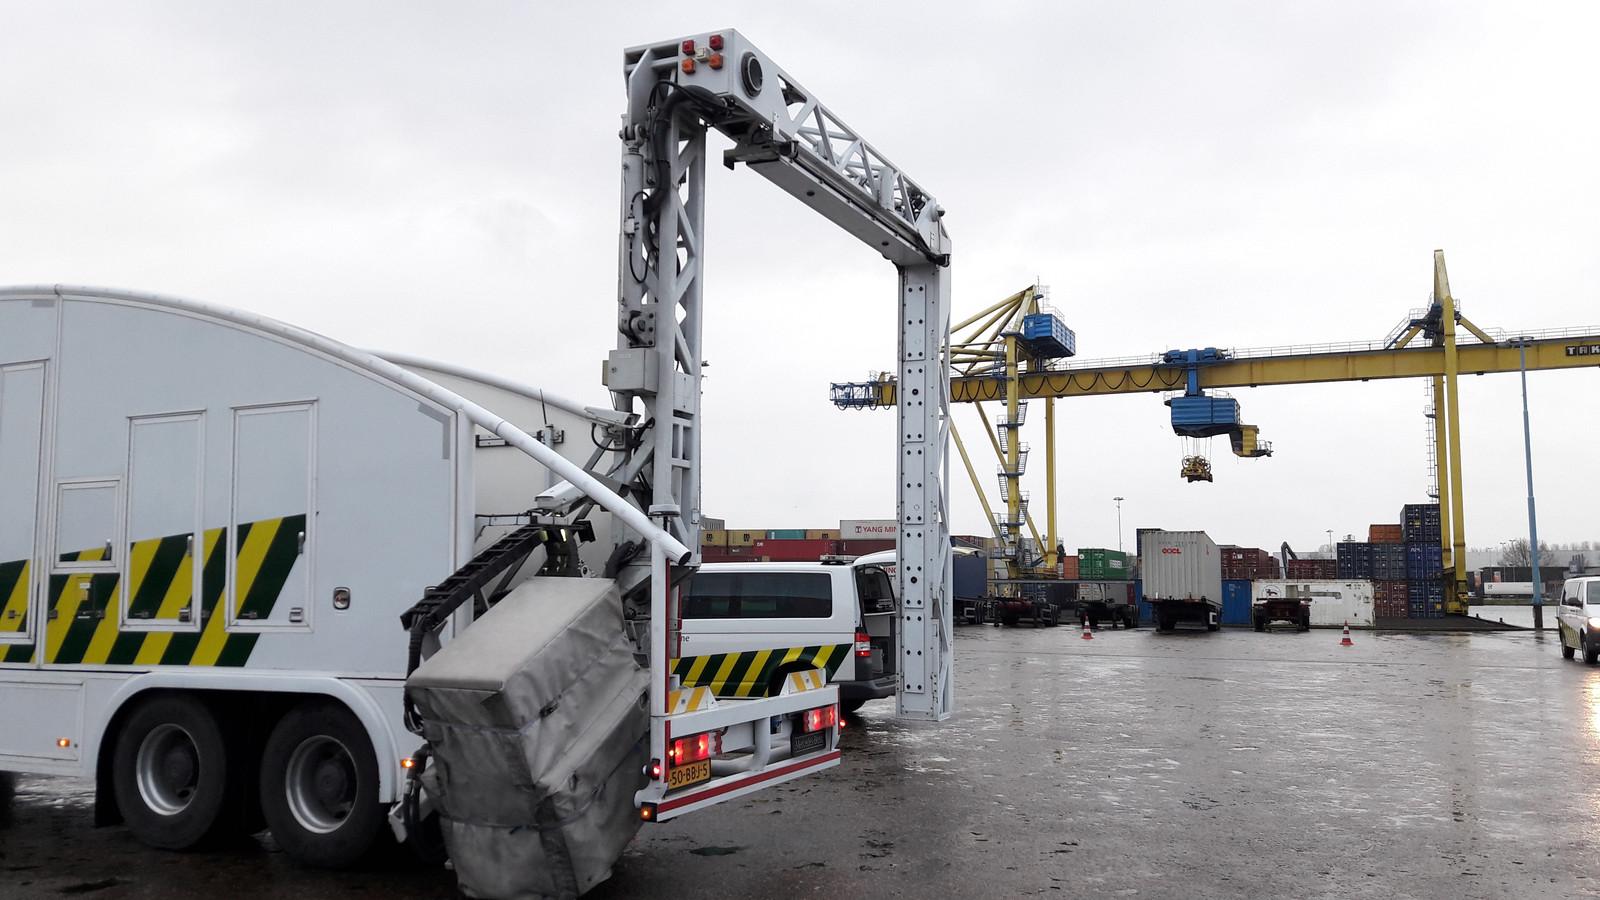 Met een grote scanner wordt de inhoud van grote zeecontainers bekeken.